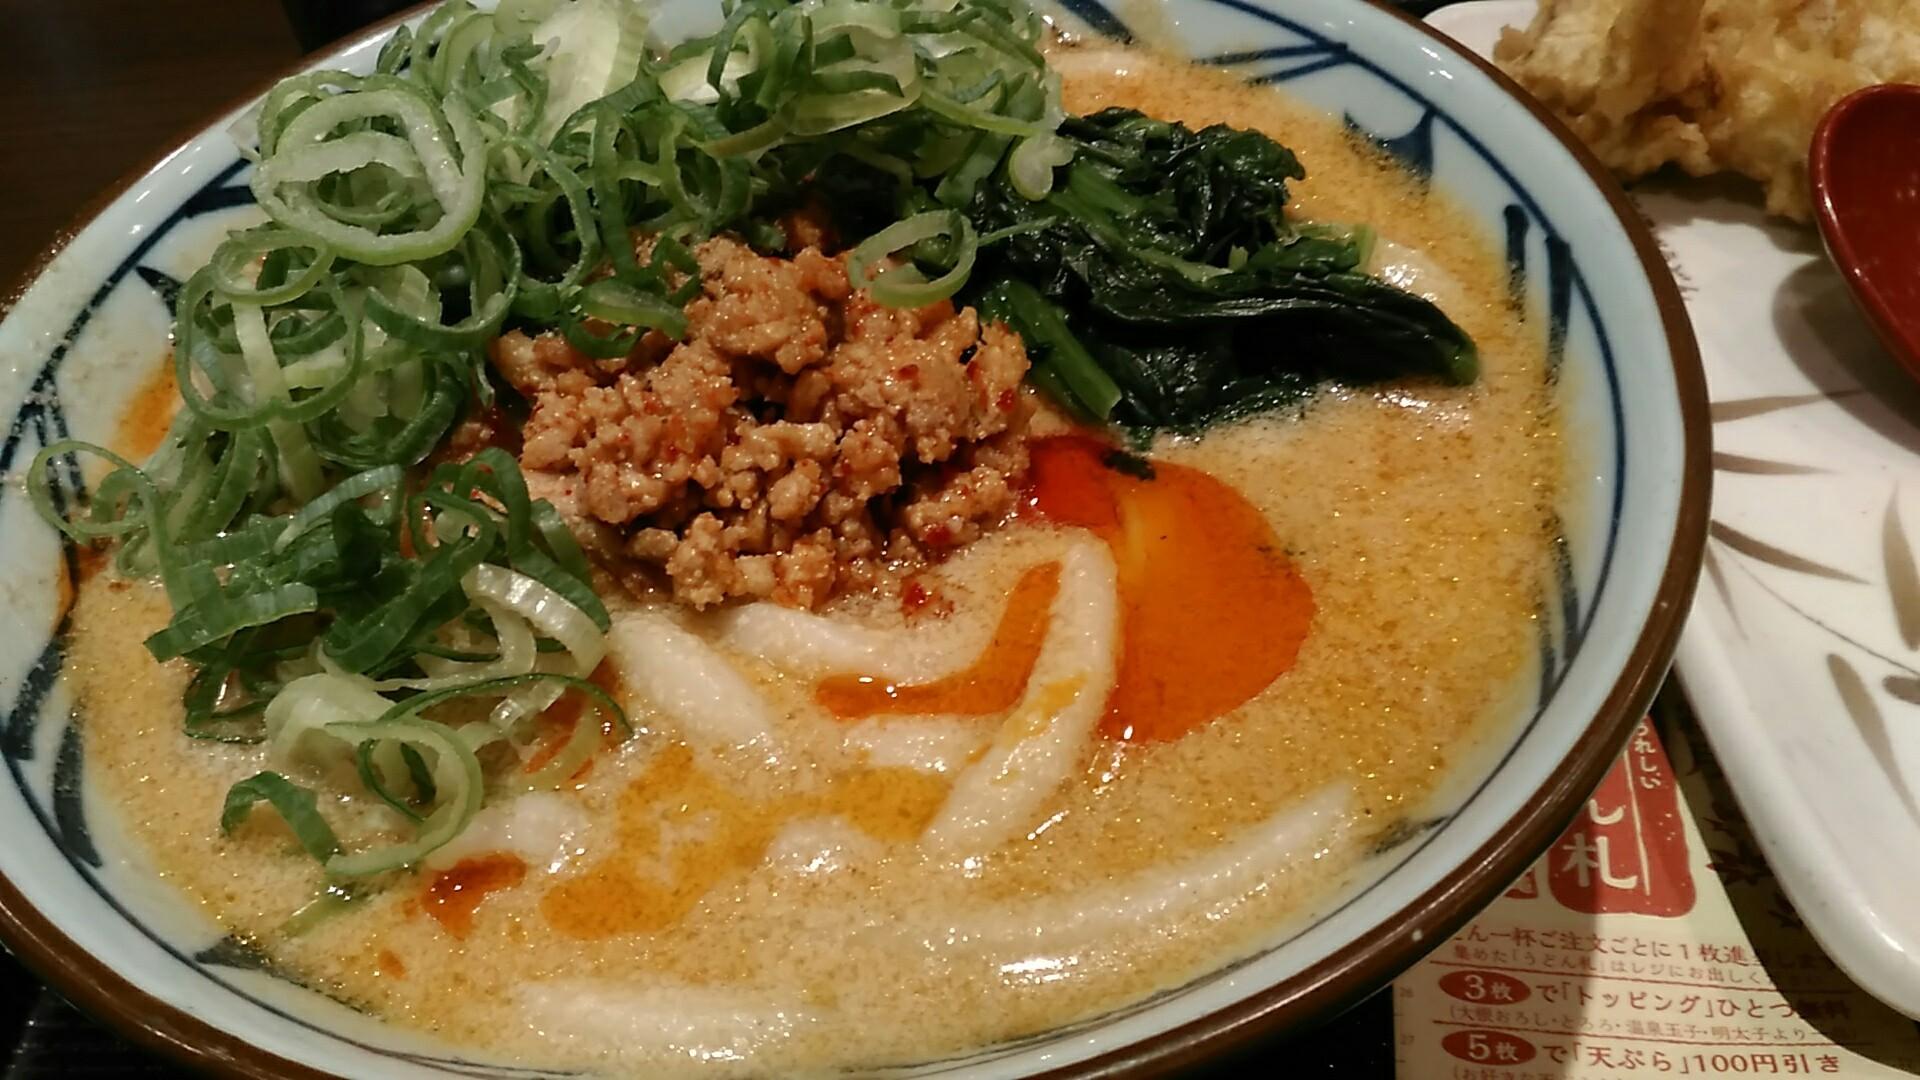 丸亀製麺 『うま辛担々うどん』_a0326295_17274235.jpg